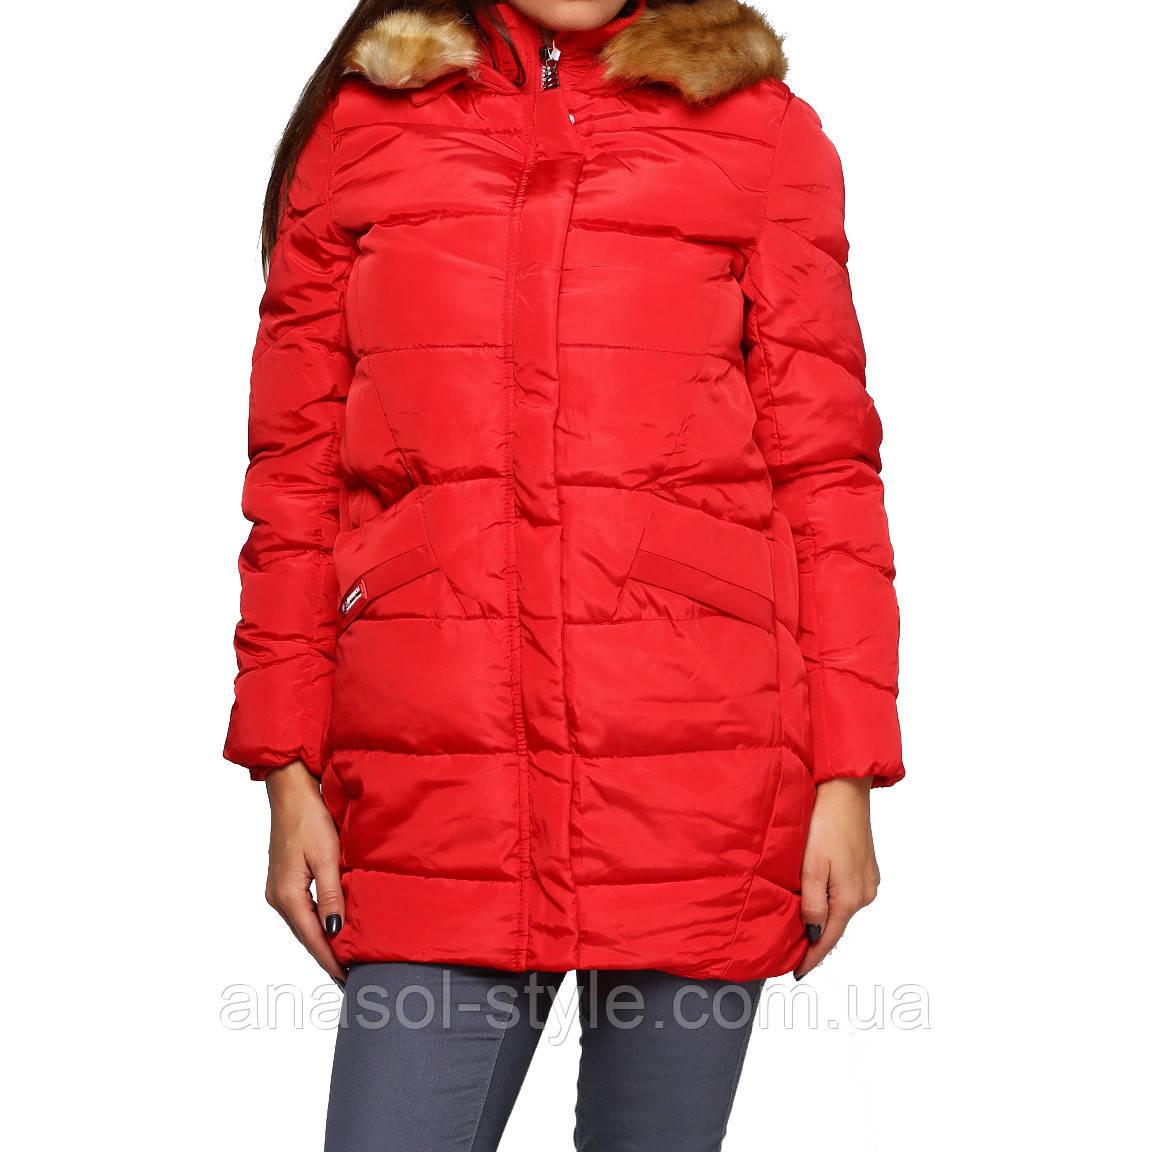 Модная куртка пуховик  зимняя женская